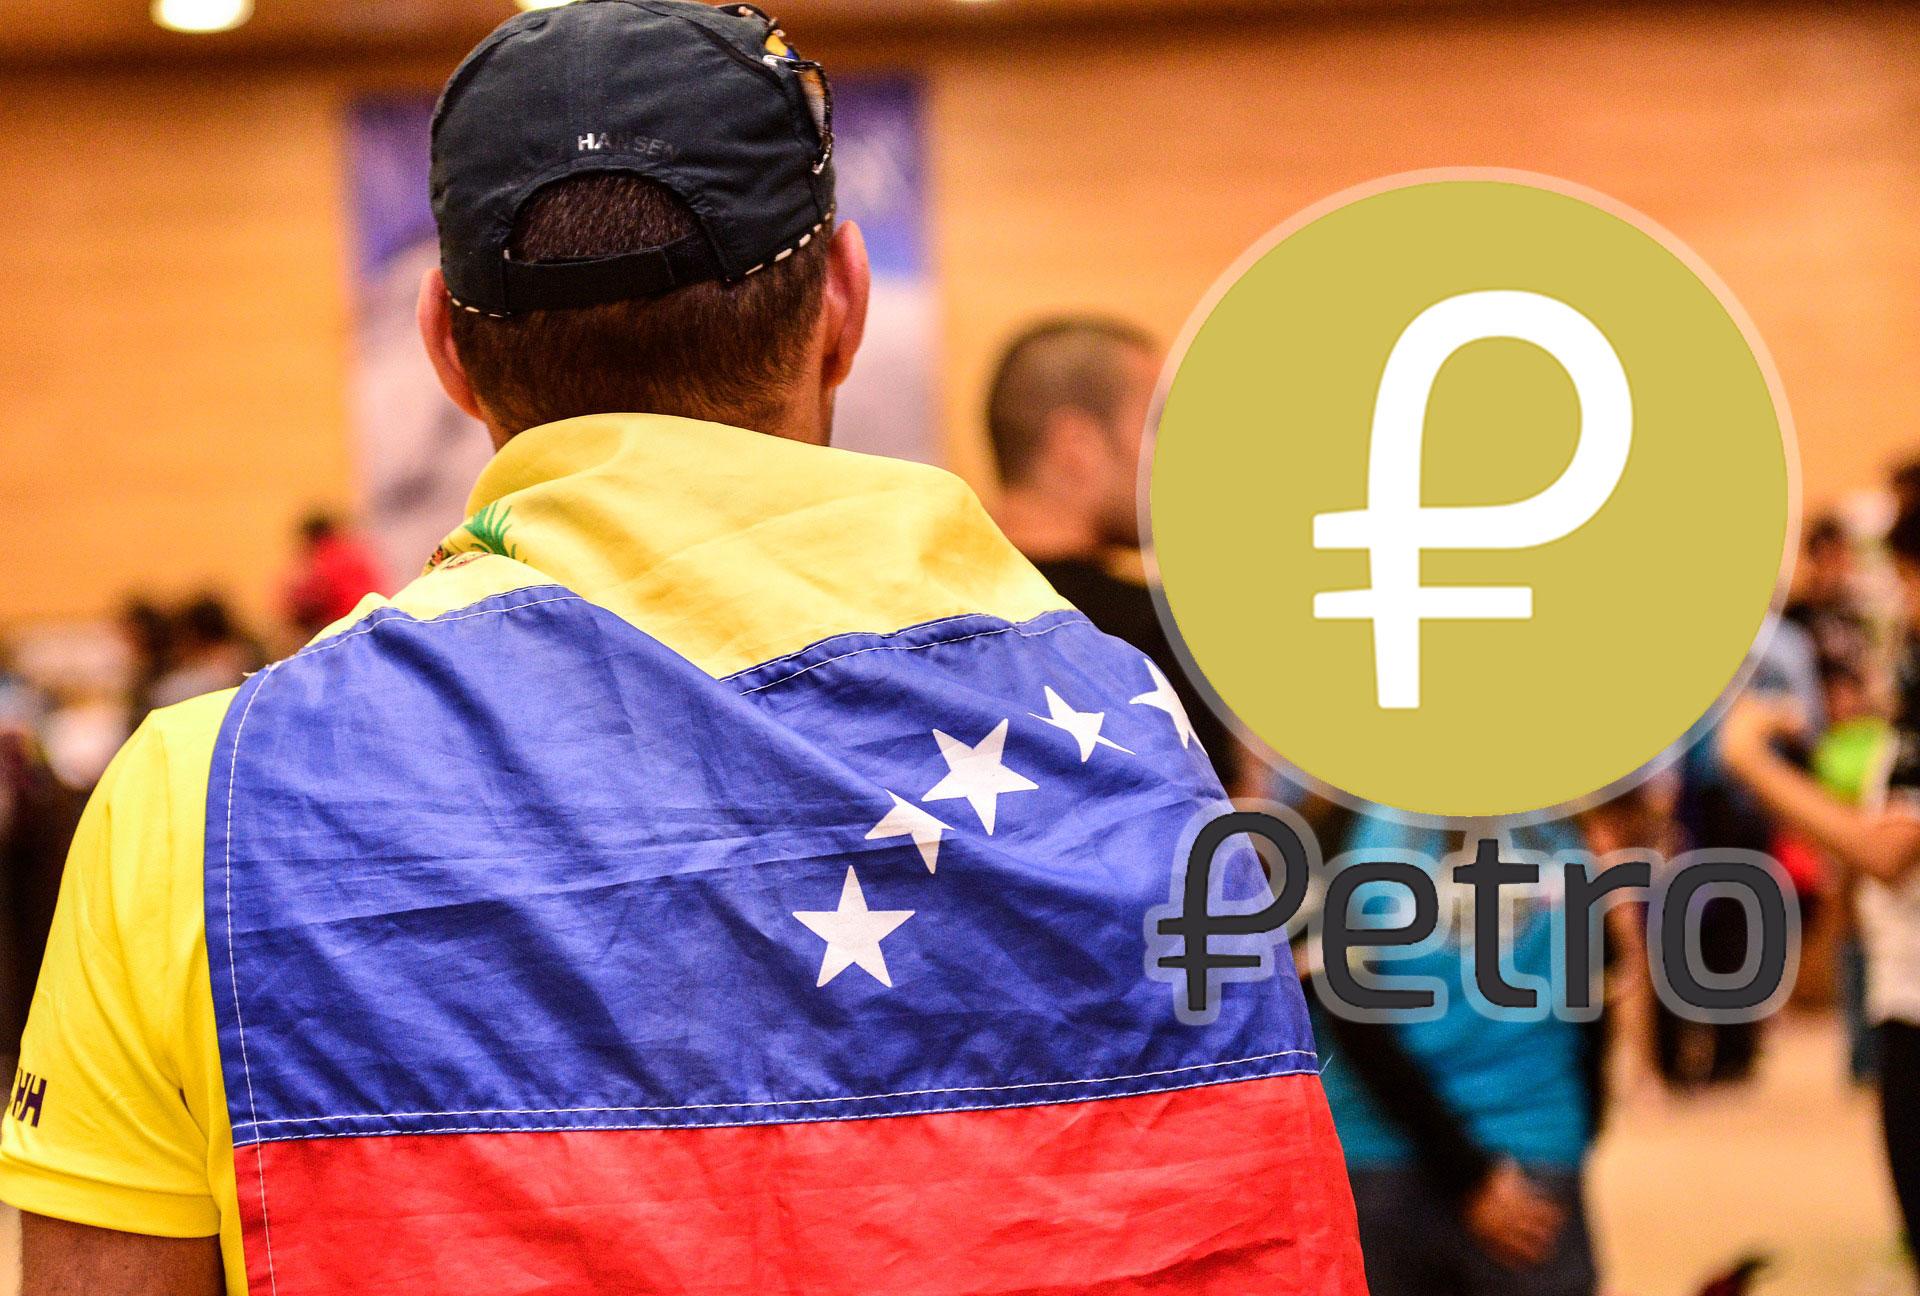 ベネズエラ、独自仮想通貨ペトロ(Petro)で石油や金を販売!